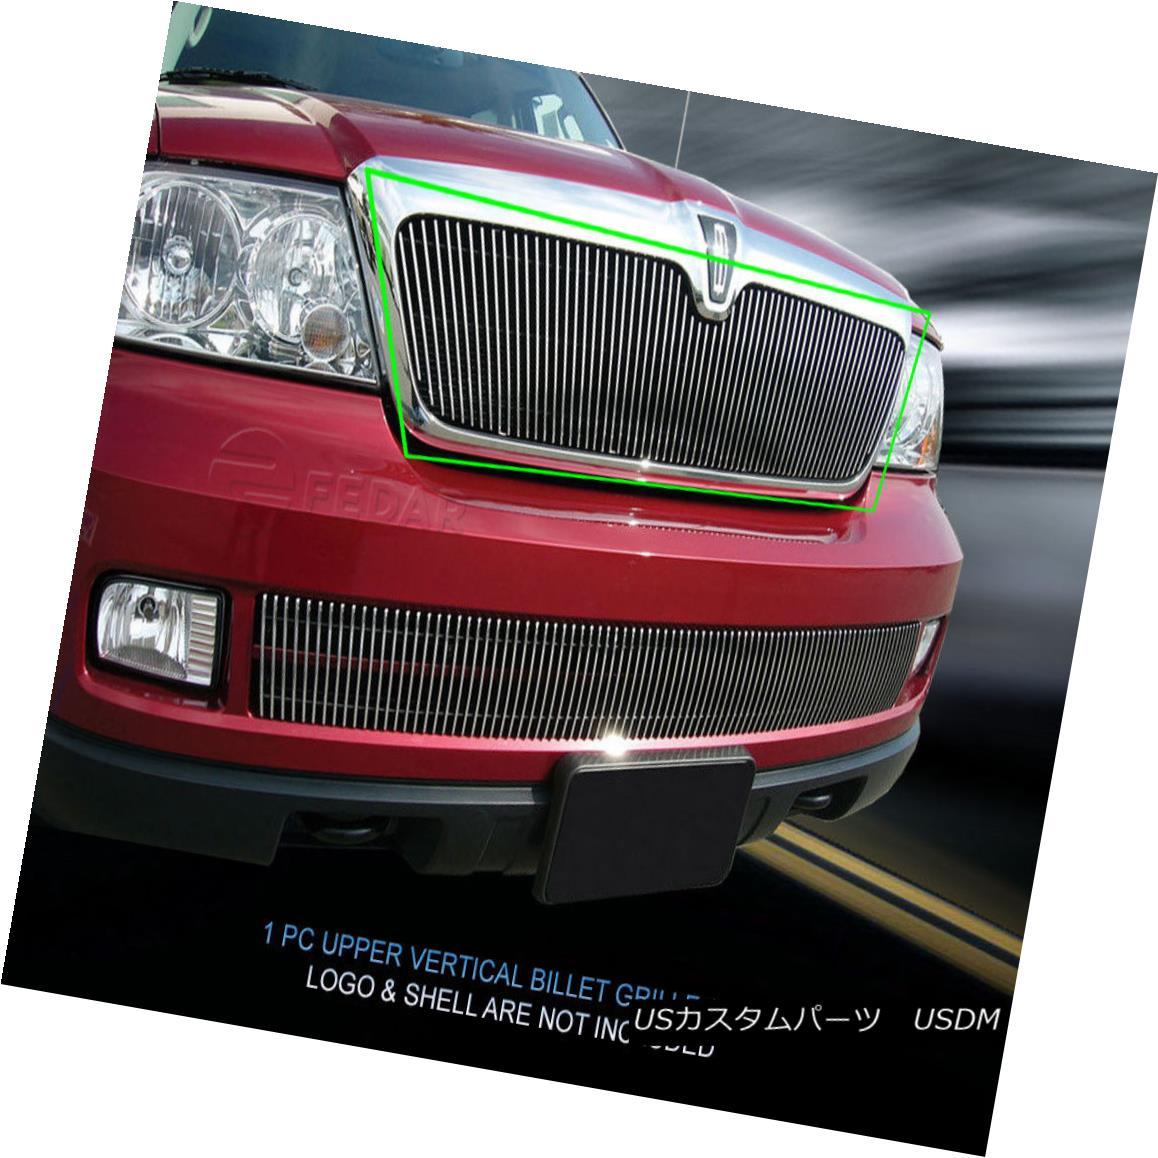 グリル Fedar Fits 2003-2006 Lincoln Navigator Polished Billet Grille Insert Fedar Fitting 2003-2006リンカーンナビゲーターPolished Billet Grille Insert